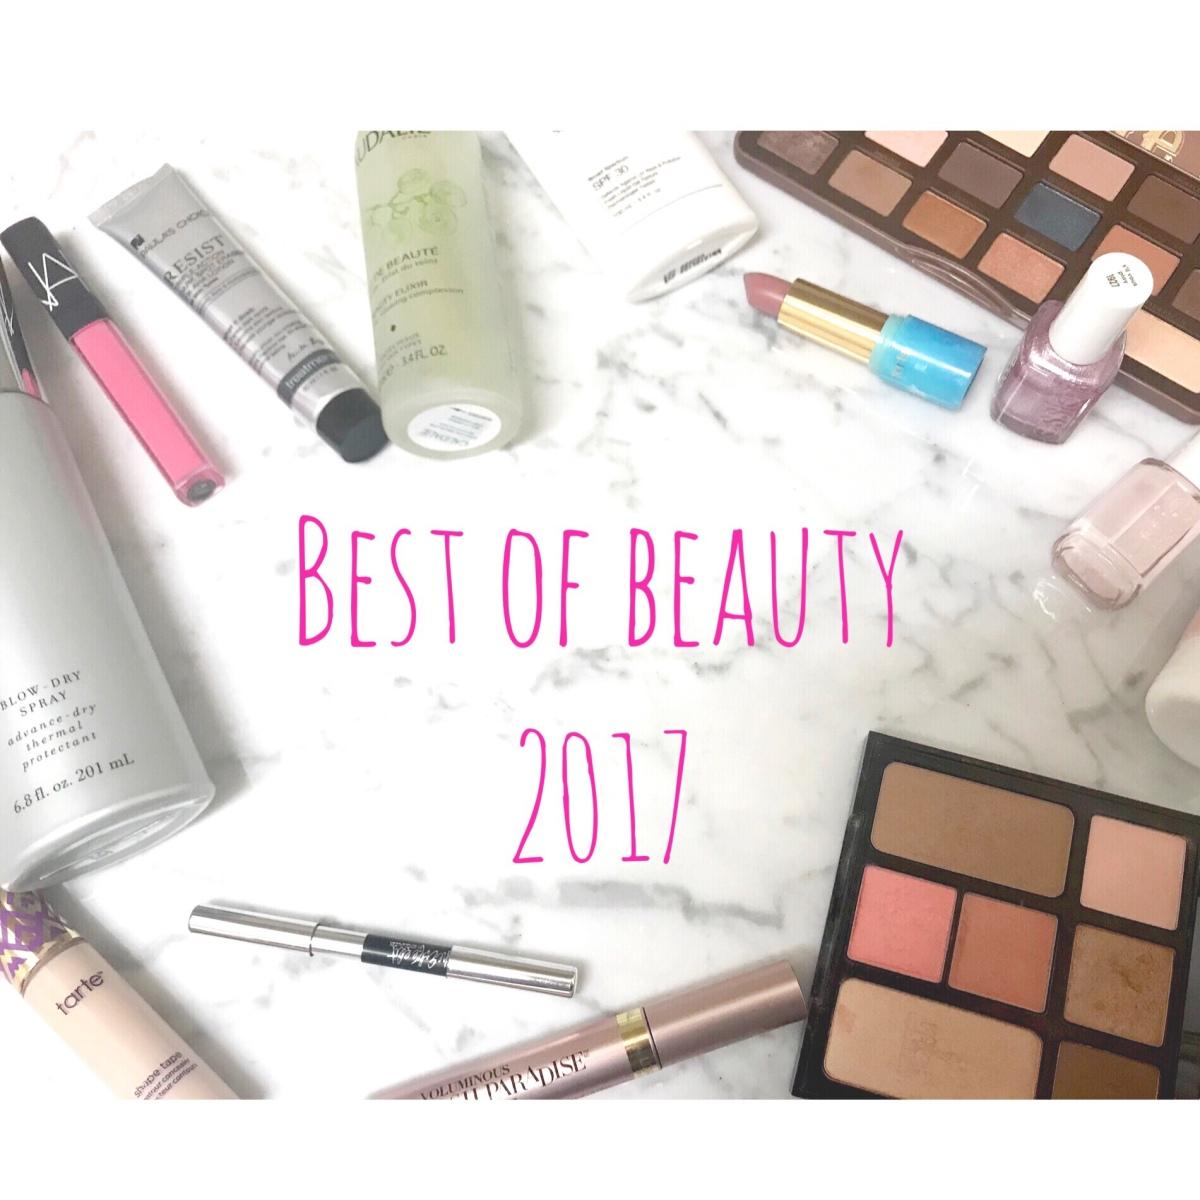 BEST OF BEAUTY |2017